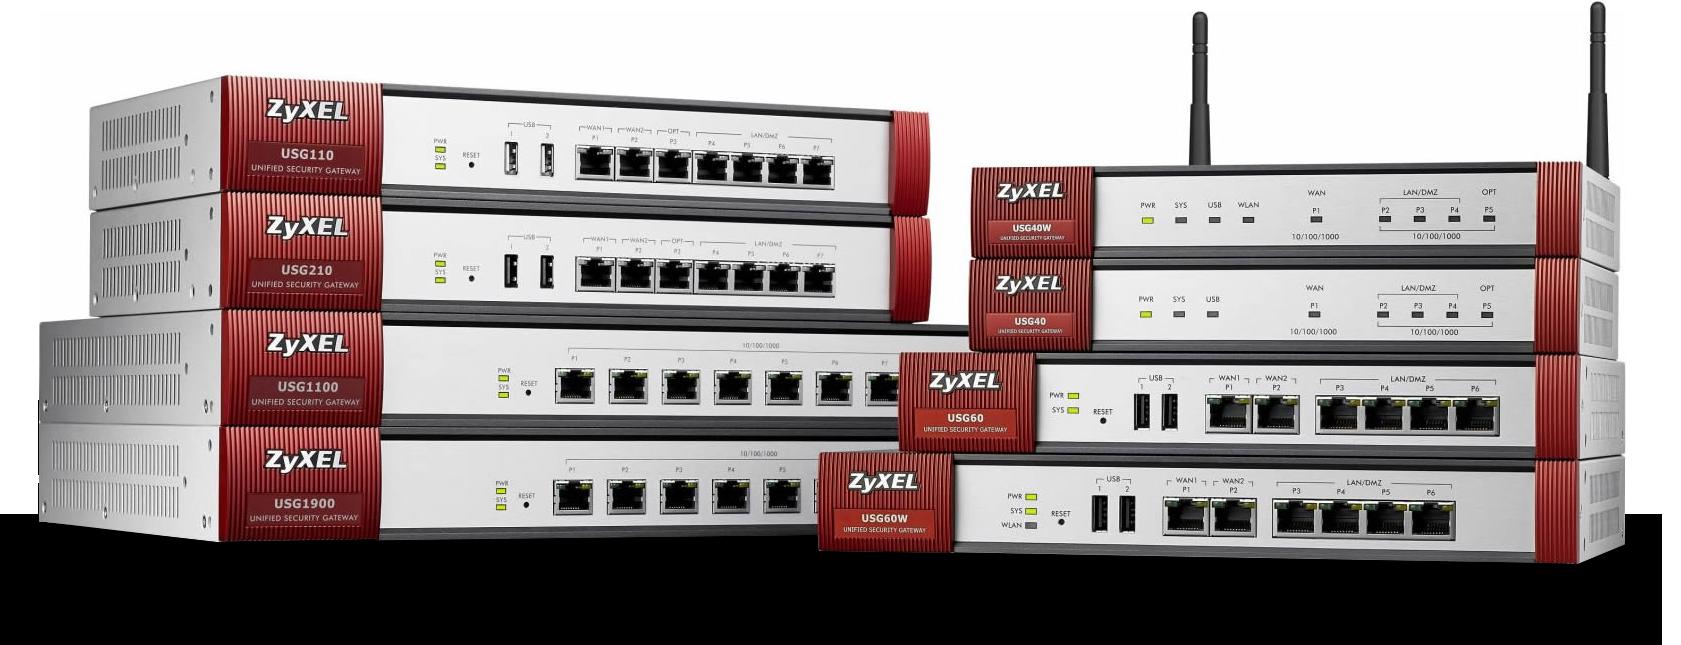 Firewall Zyxel USG